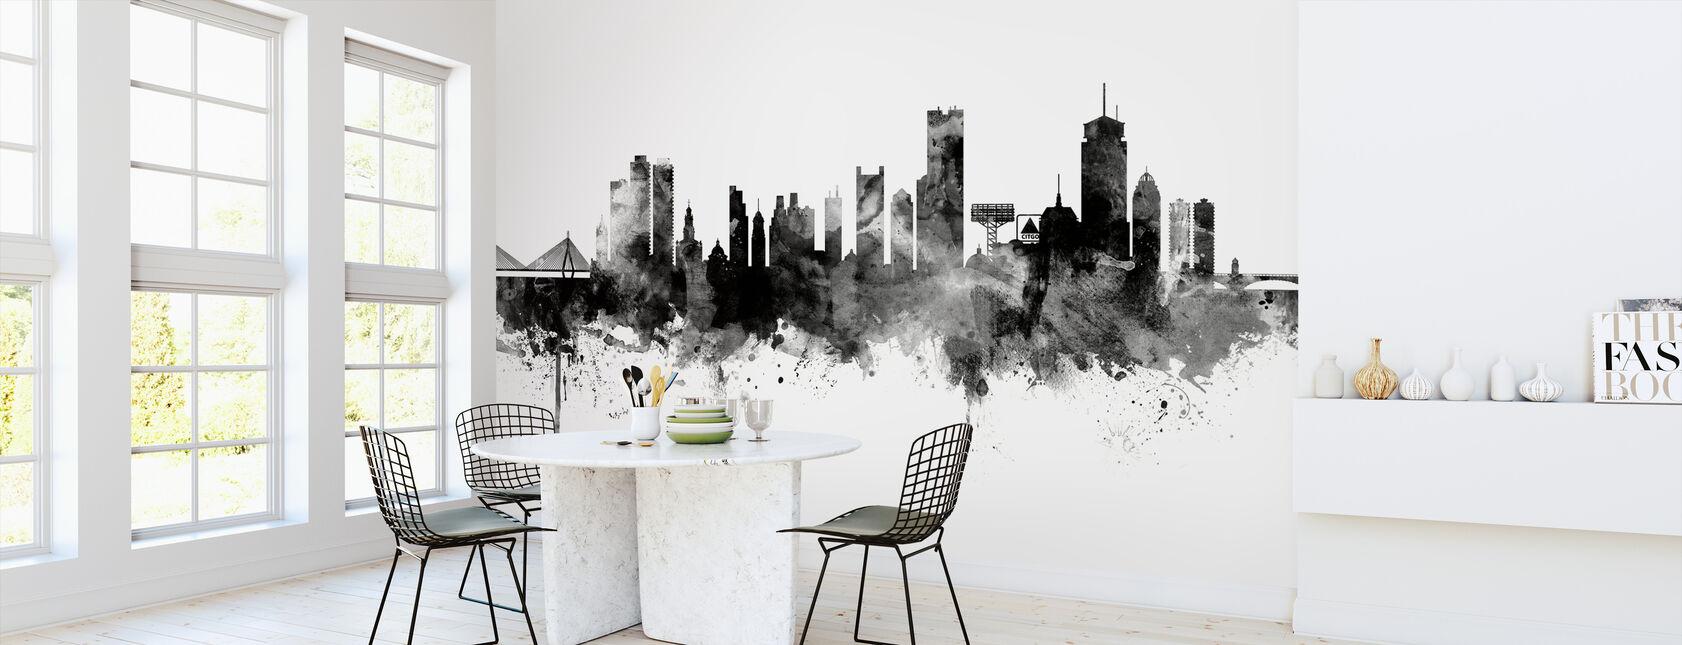 Boston Massachusetts Skyline, black and white - Wallpaper - Kitchen